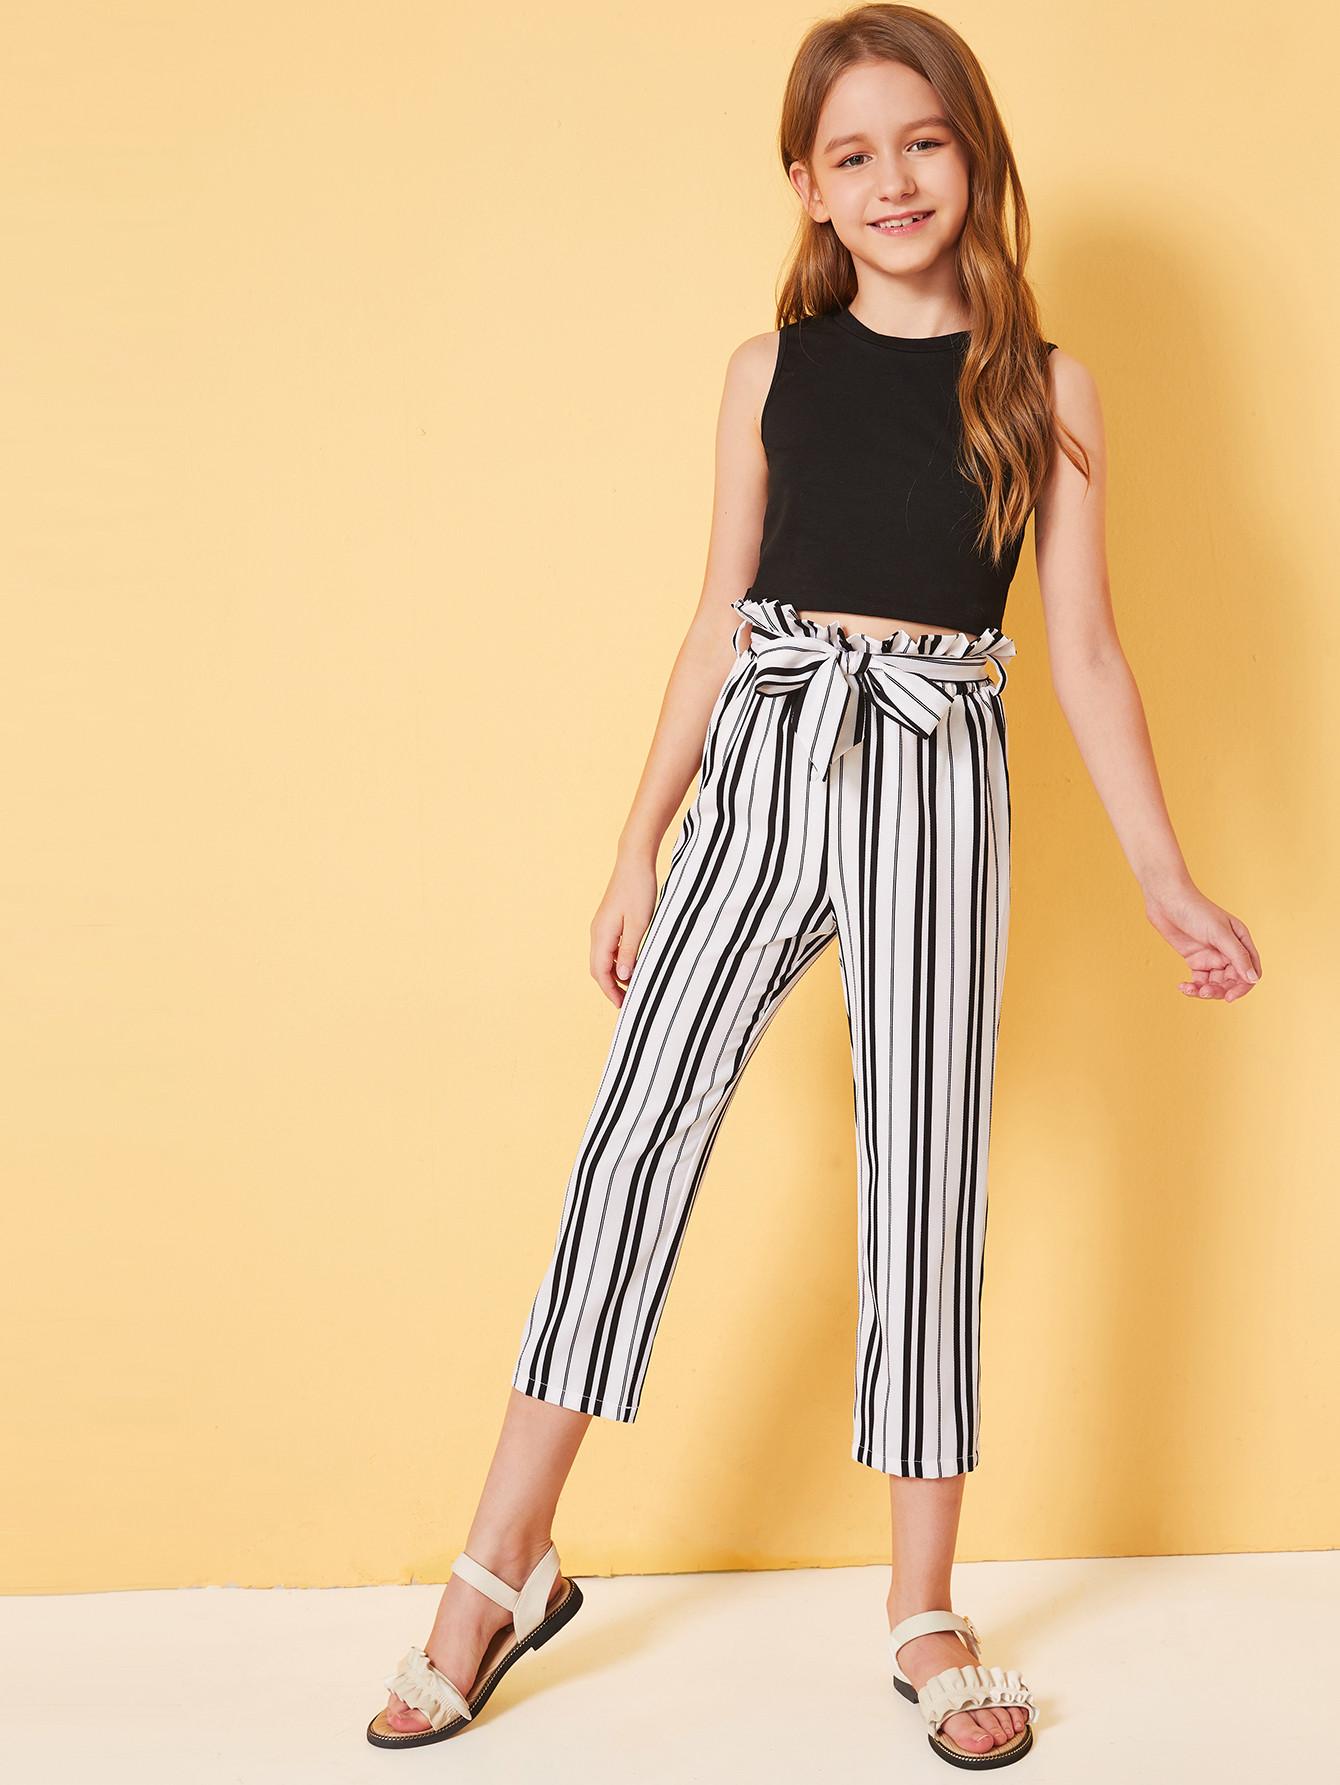 Фото - Приталенный топ и полосатые шорты с присборенной талией для девочек от SheIn цвет чёрнобелые